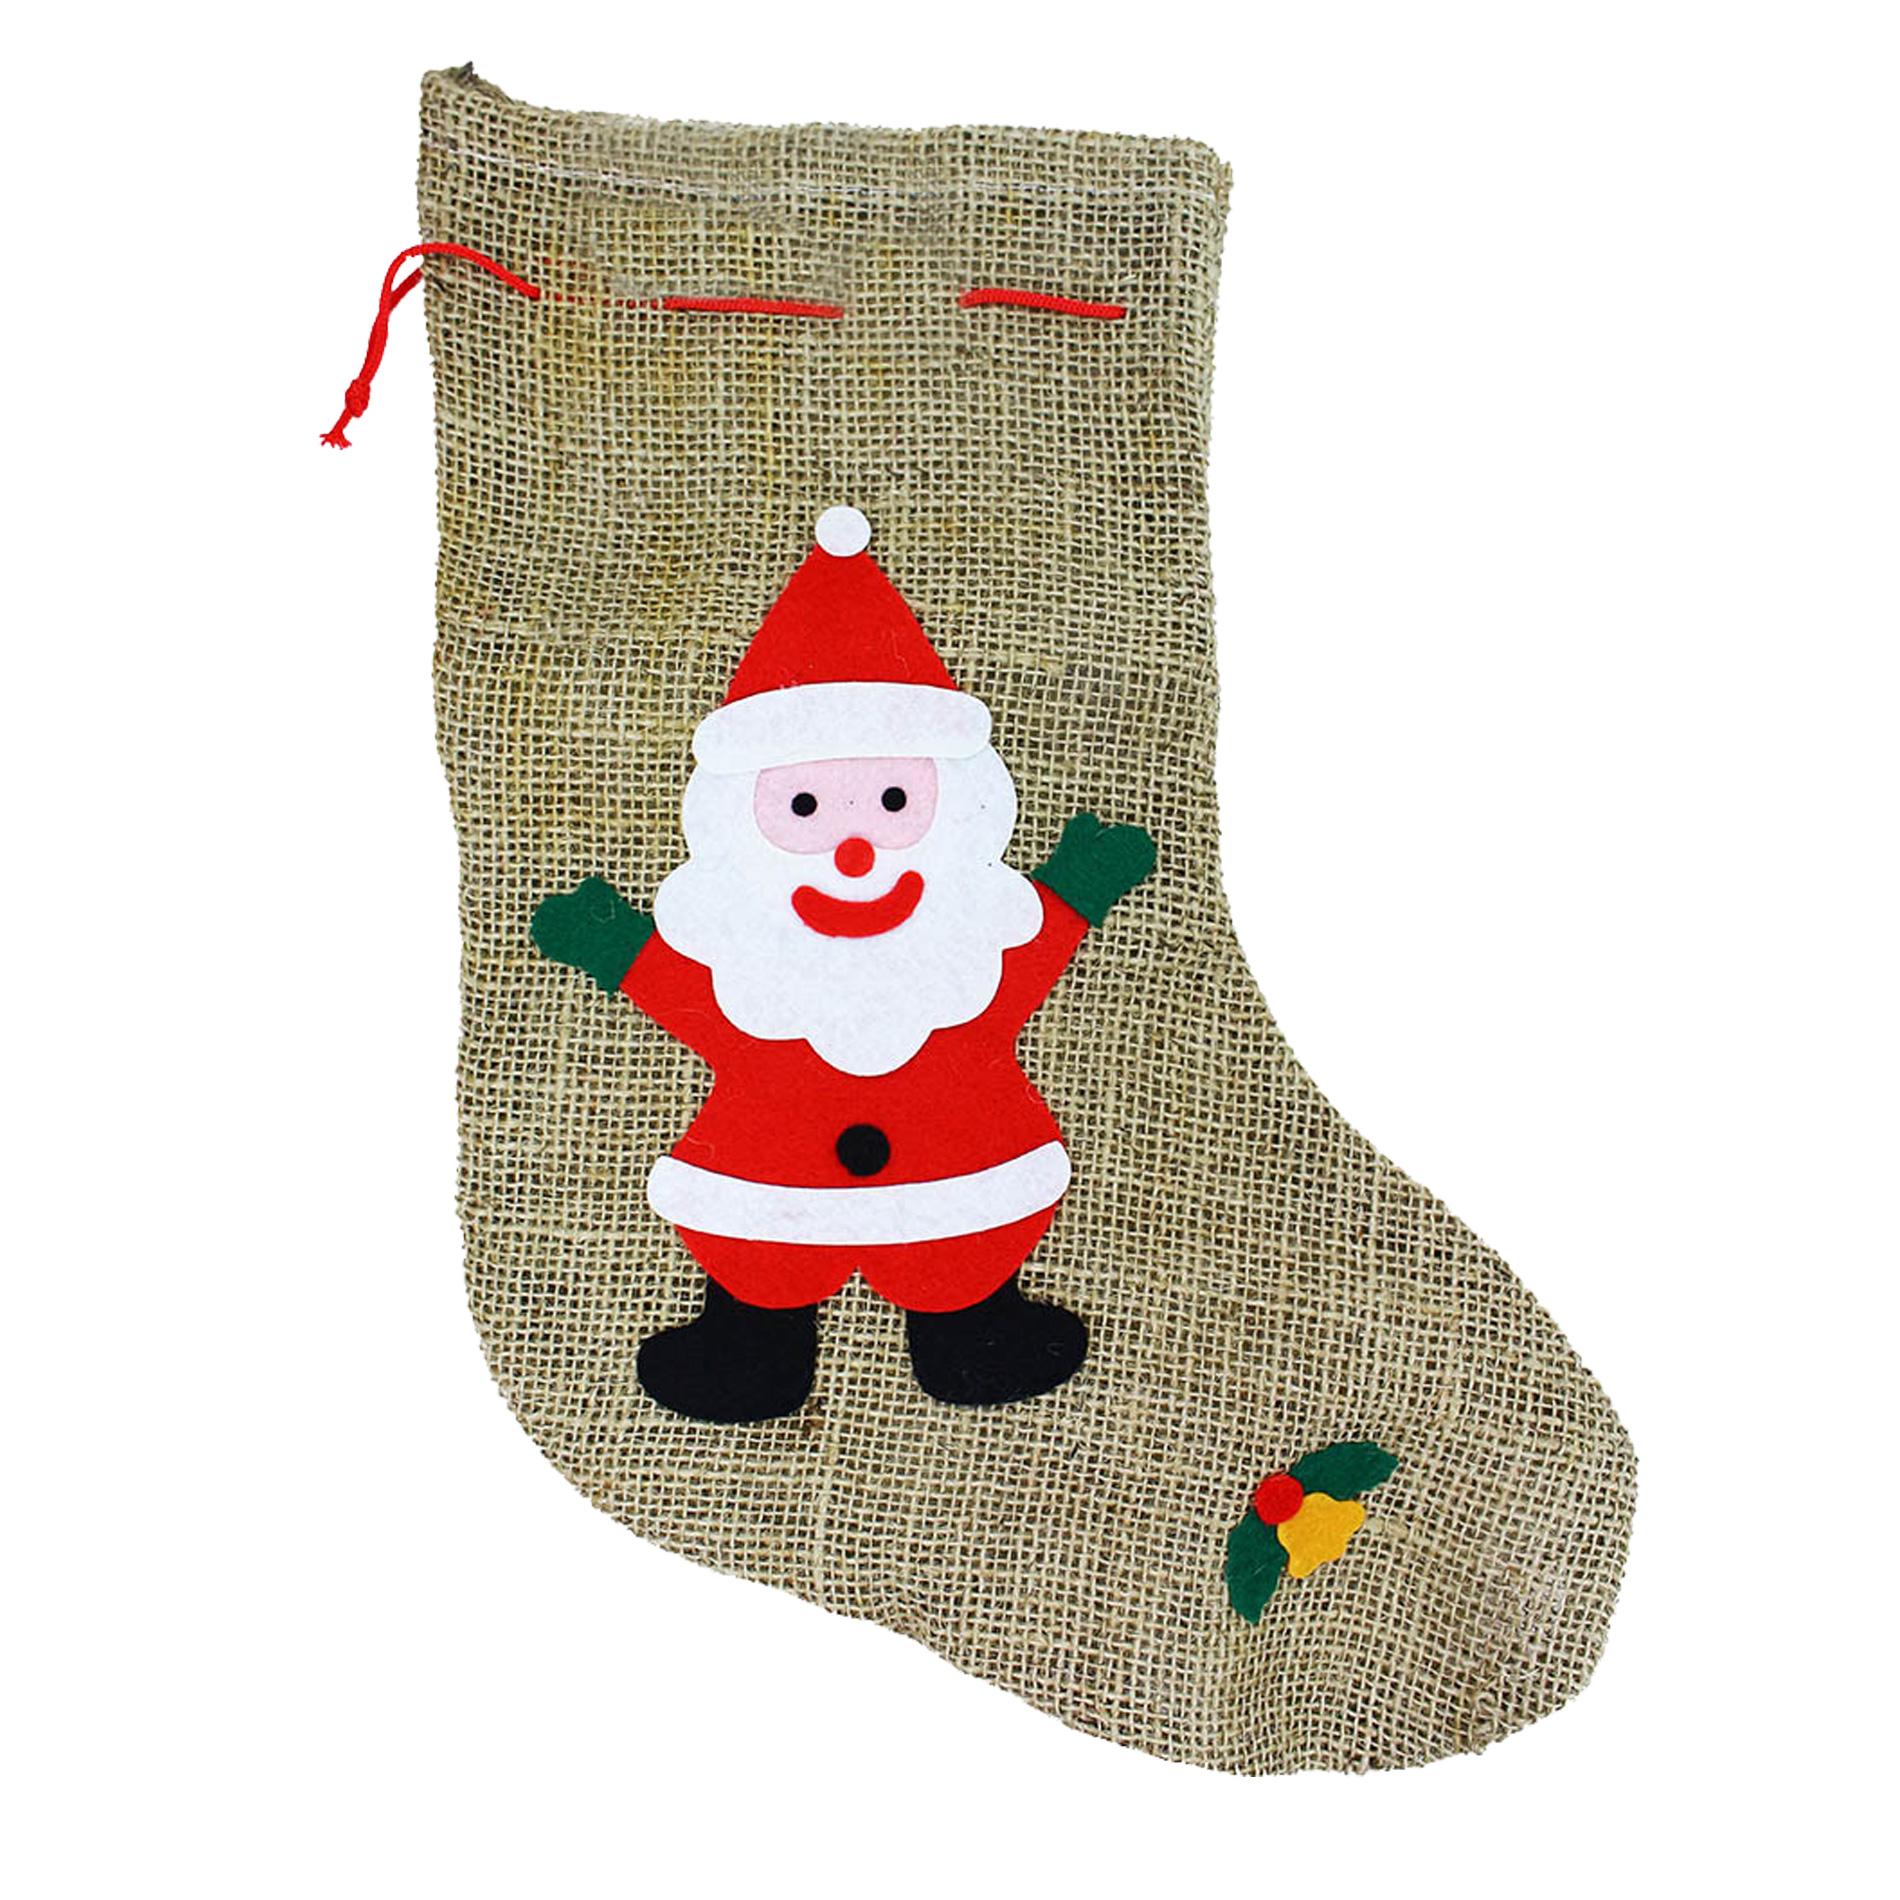 Punčocha Santa Claus / Mikulášská režná s dekorem